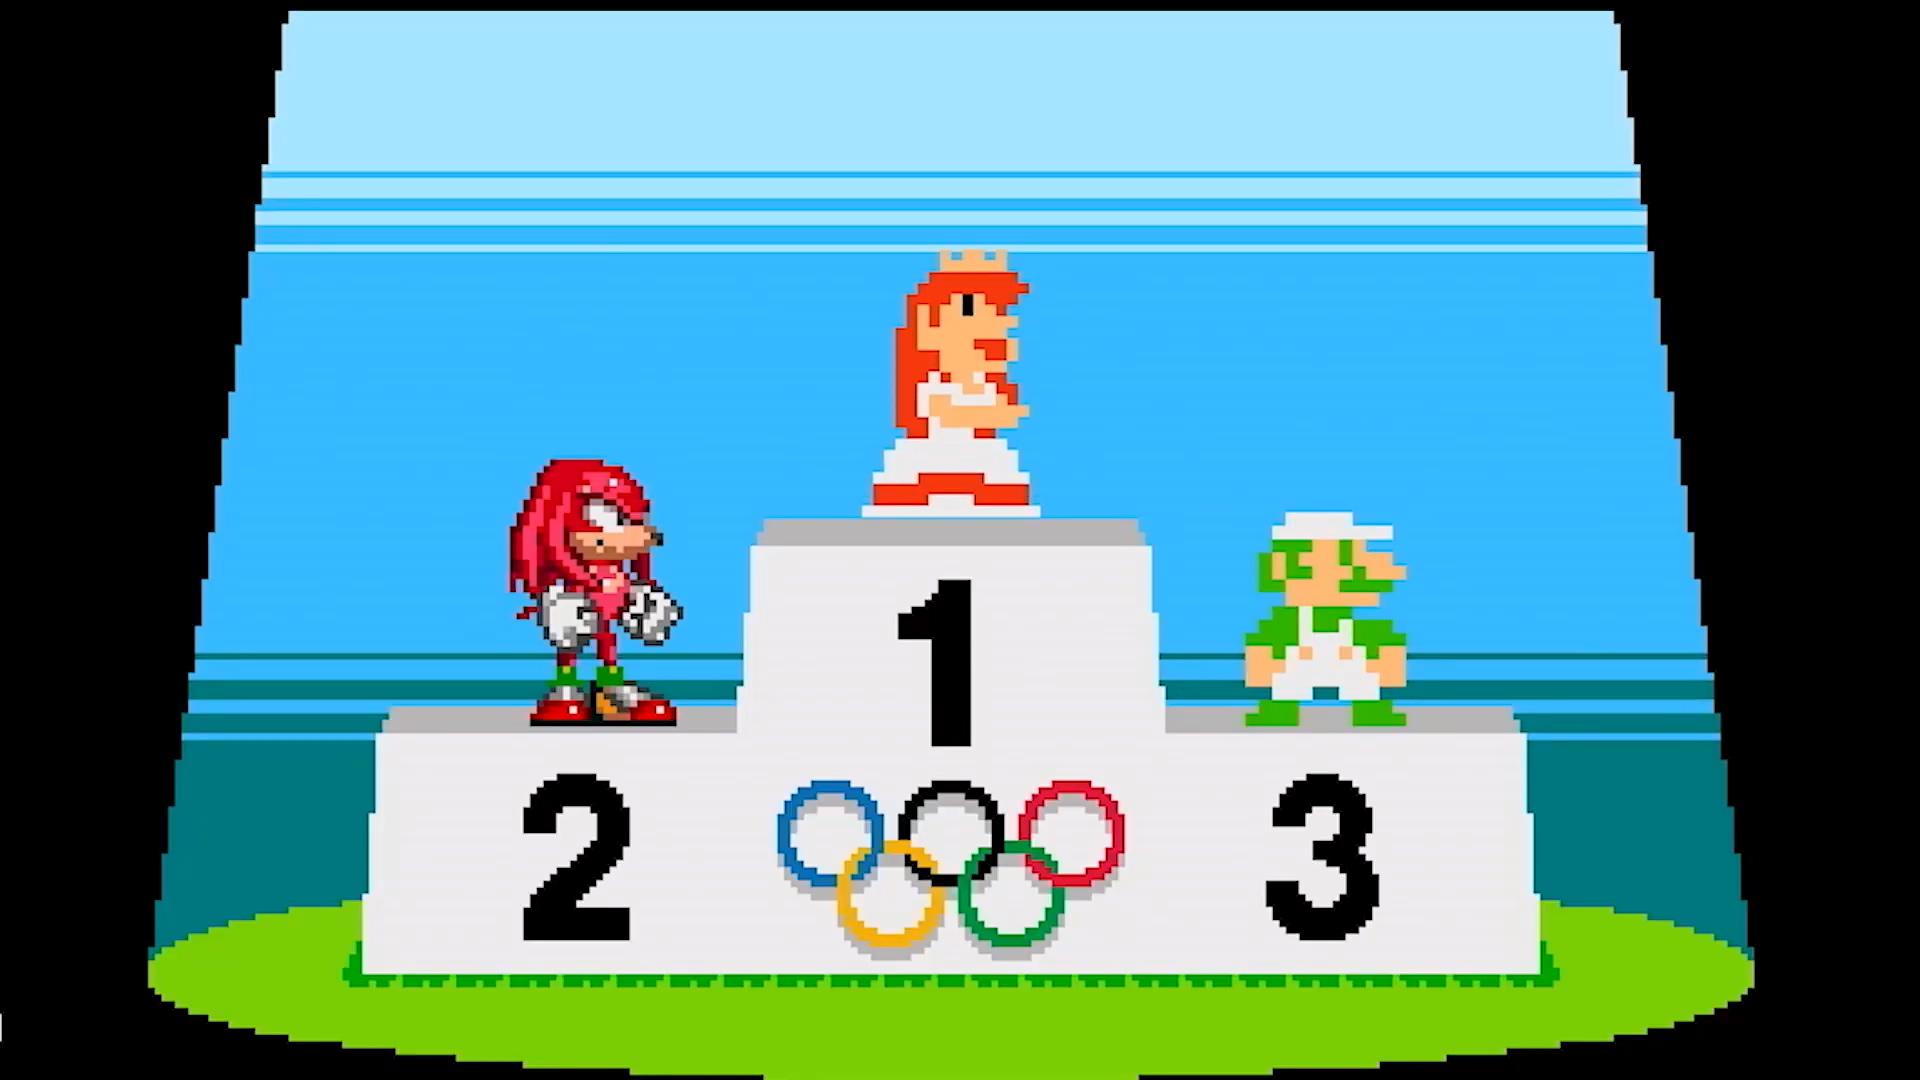 全程看桃花公主!《马力欧与索尼克AT东京奥运会》新增跨时代像素项目